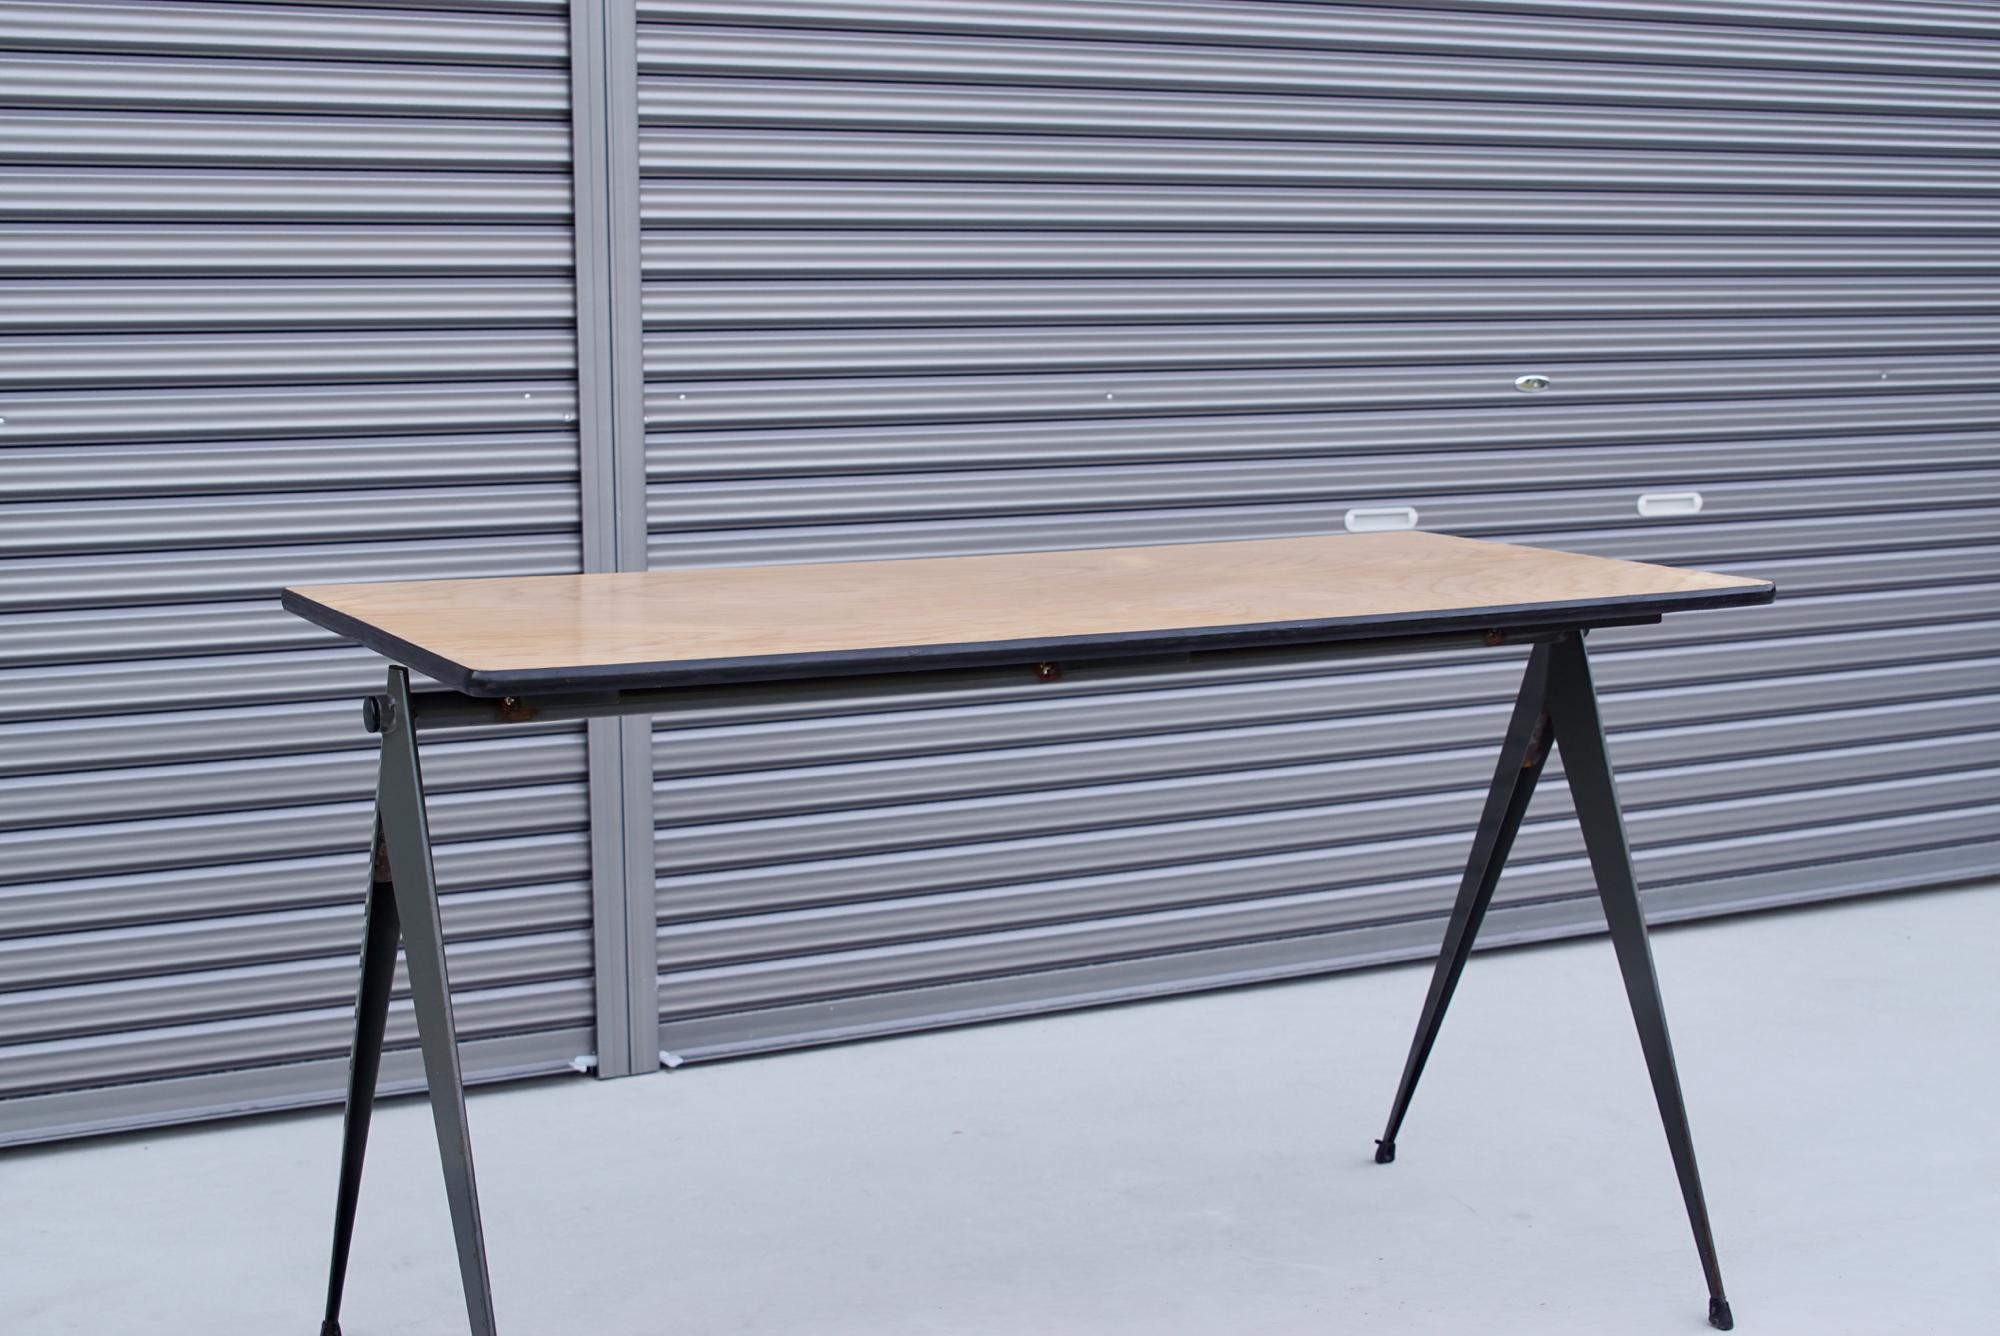 004_008A インダストリアル コンパステーブル - 14